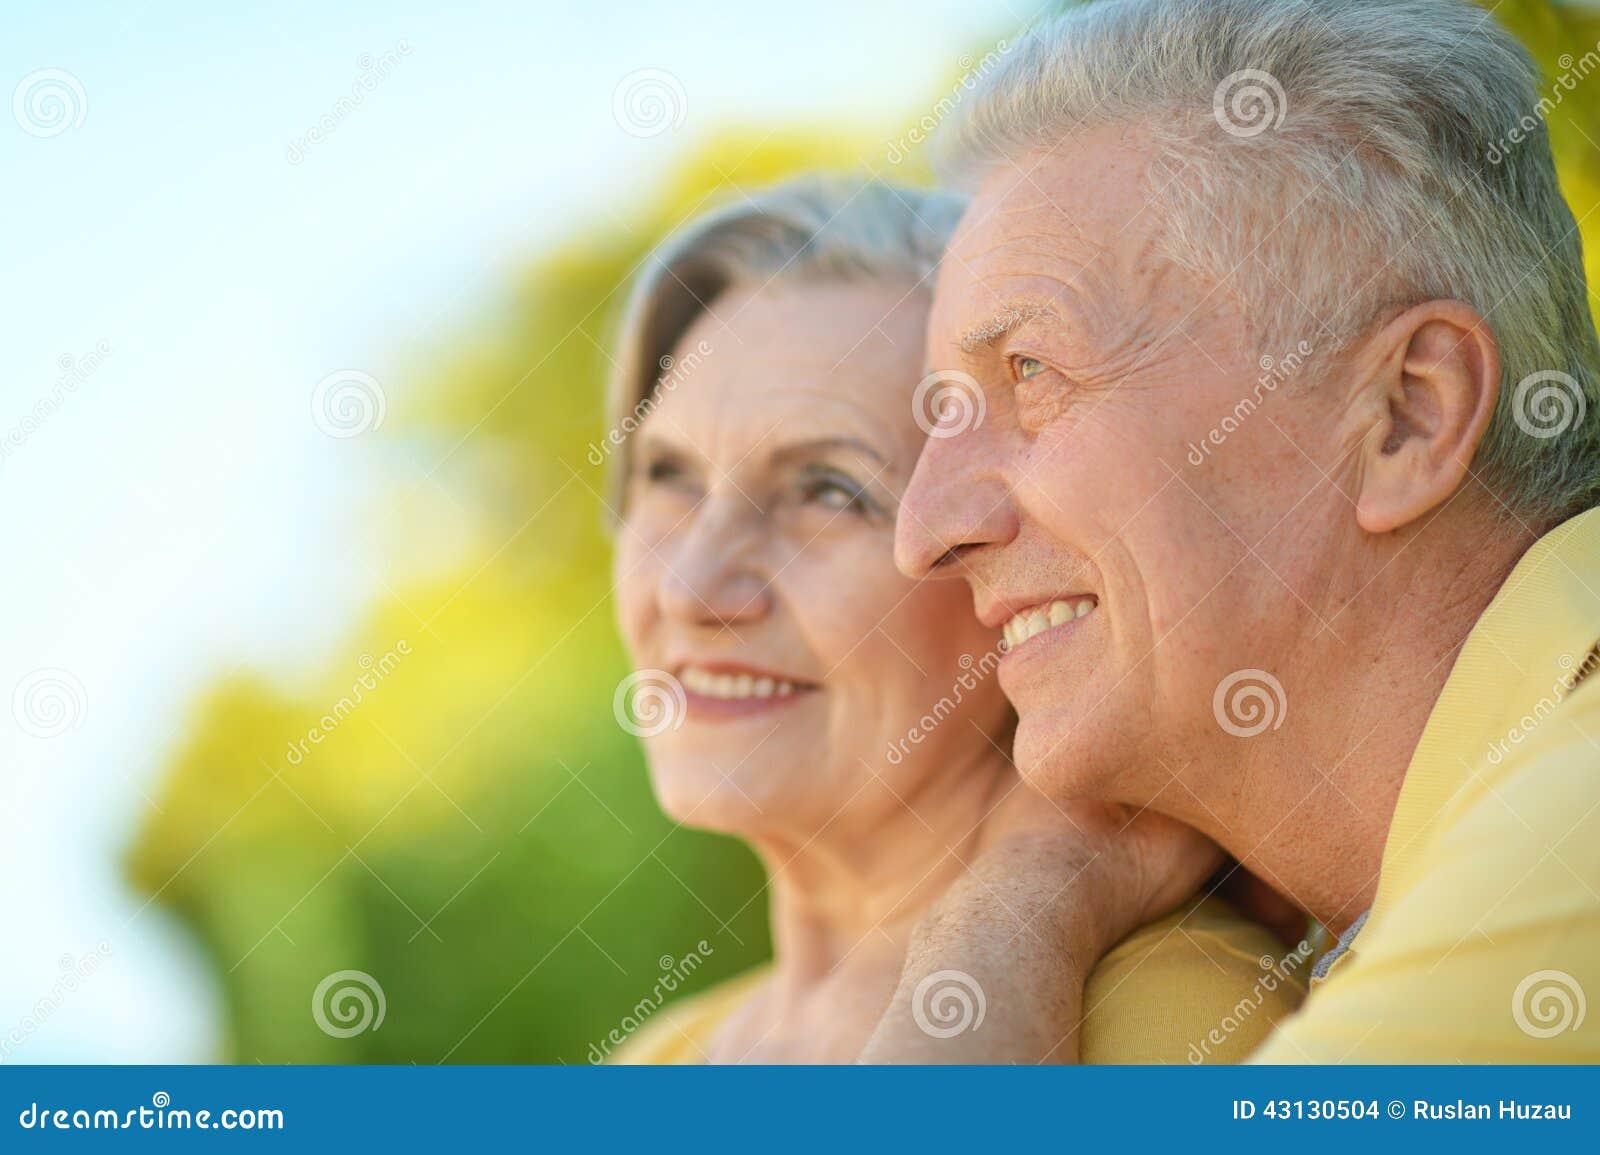 Секс двух пар молодой и пожилой, Пара Молодая Зрелая - Bub Porn -порно видео 20 фотография